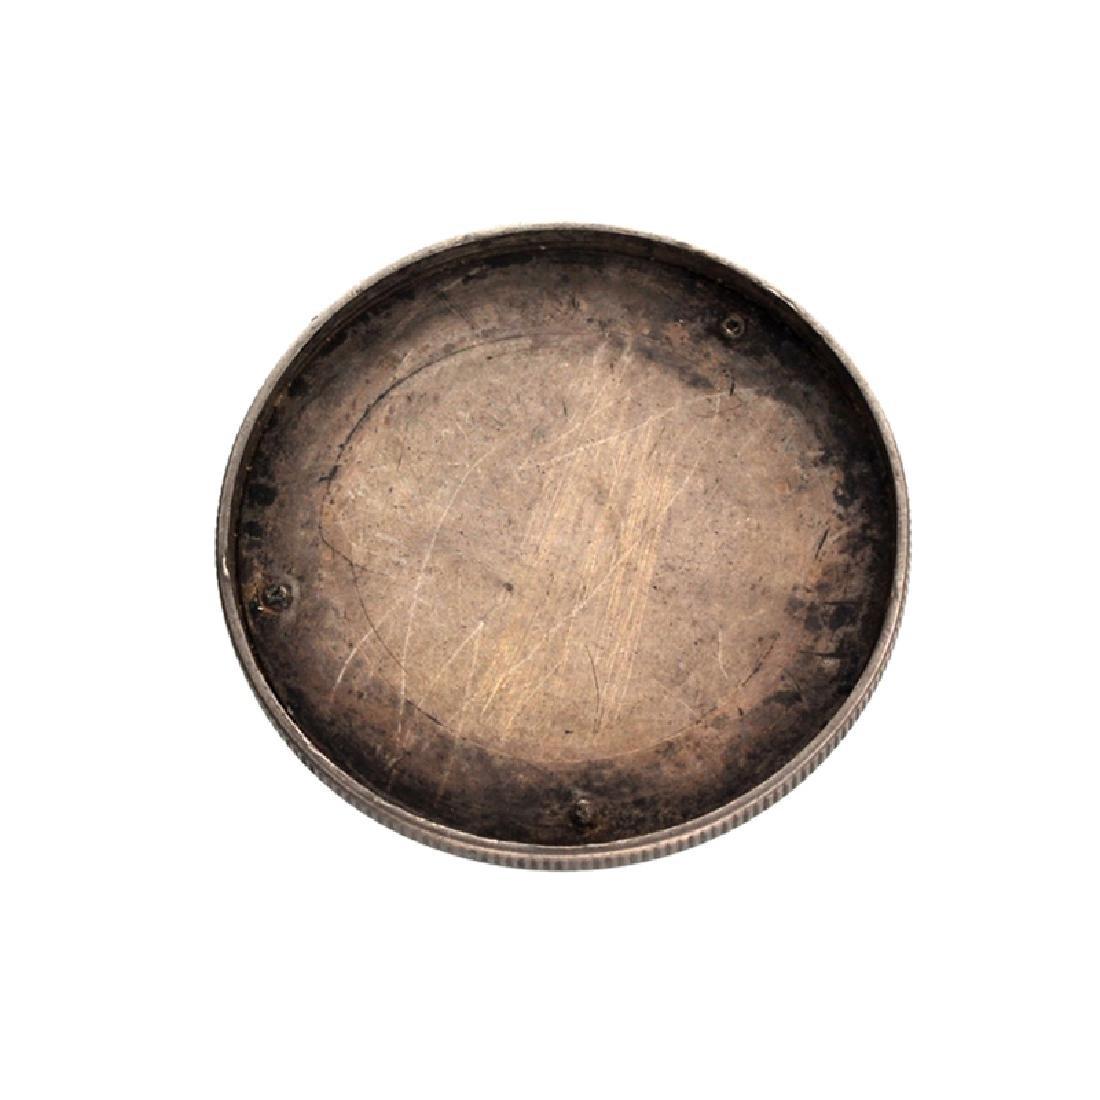 1876 Trade Dollar Coin - 2